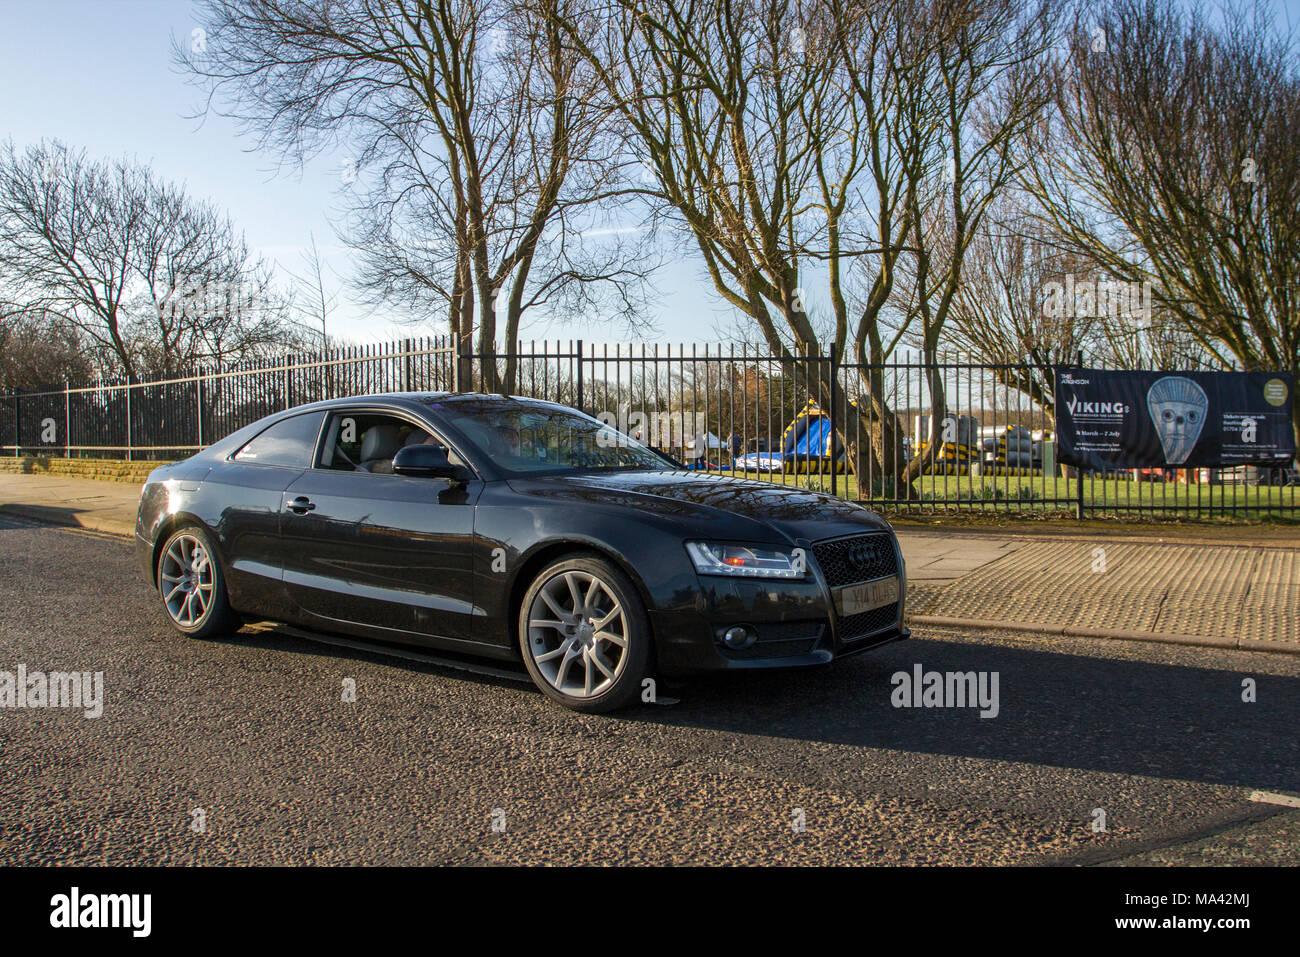 Audi Classic Old Car Stock Photos Audi Classic Old Car Stock - Vintage audi cars